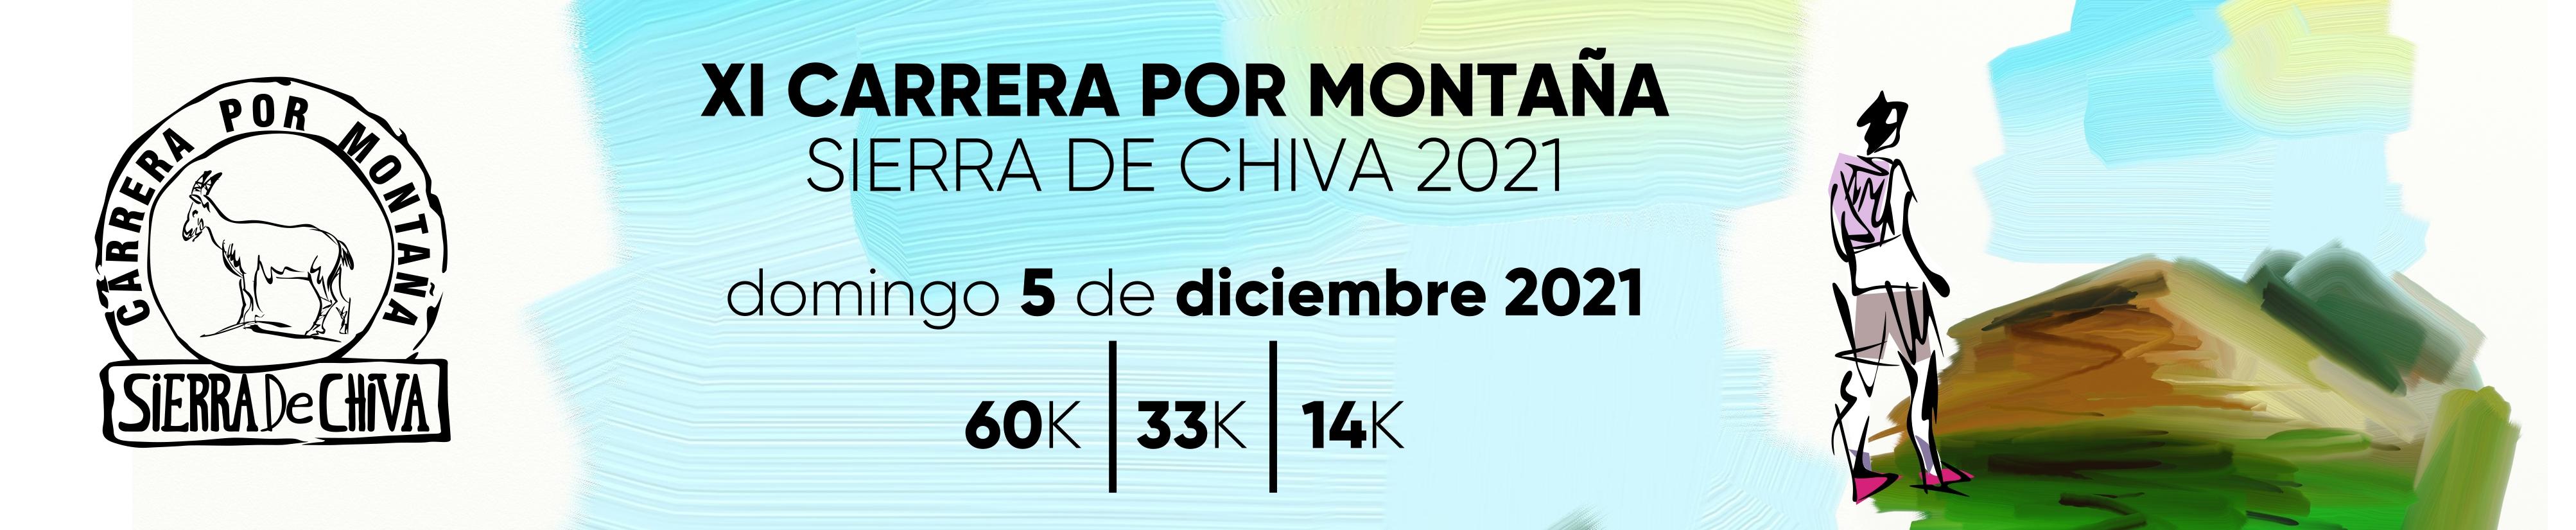 Carrera X Montaña Sierra de Chiva. XI edición. 2021